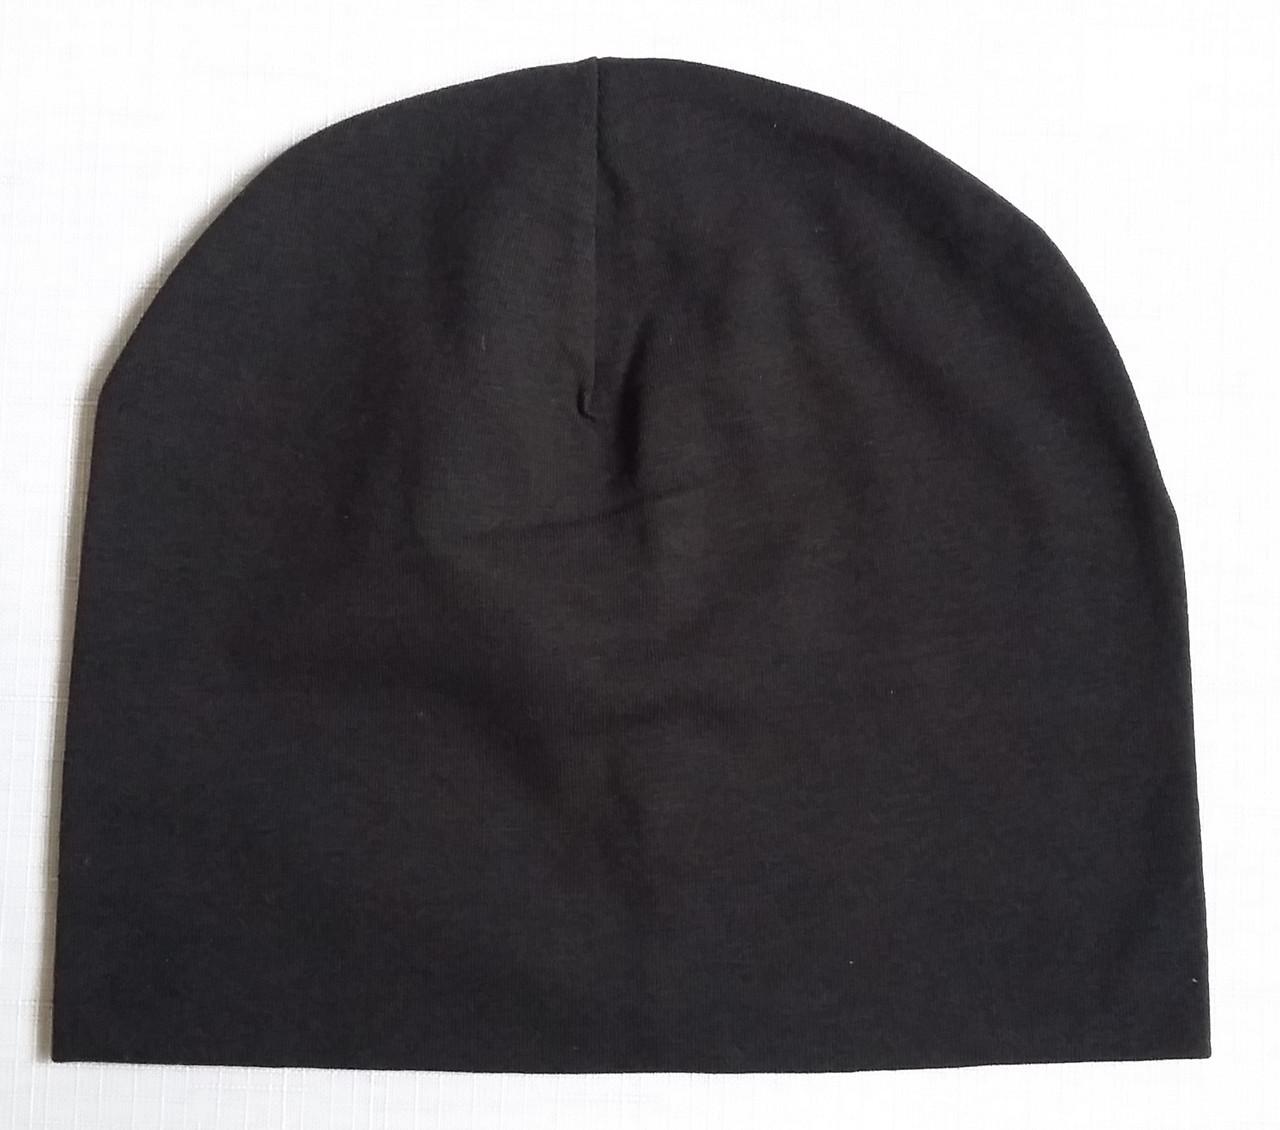 Детская летняя шапка для новорожденных, черная